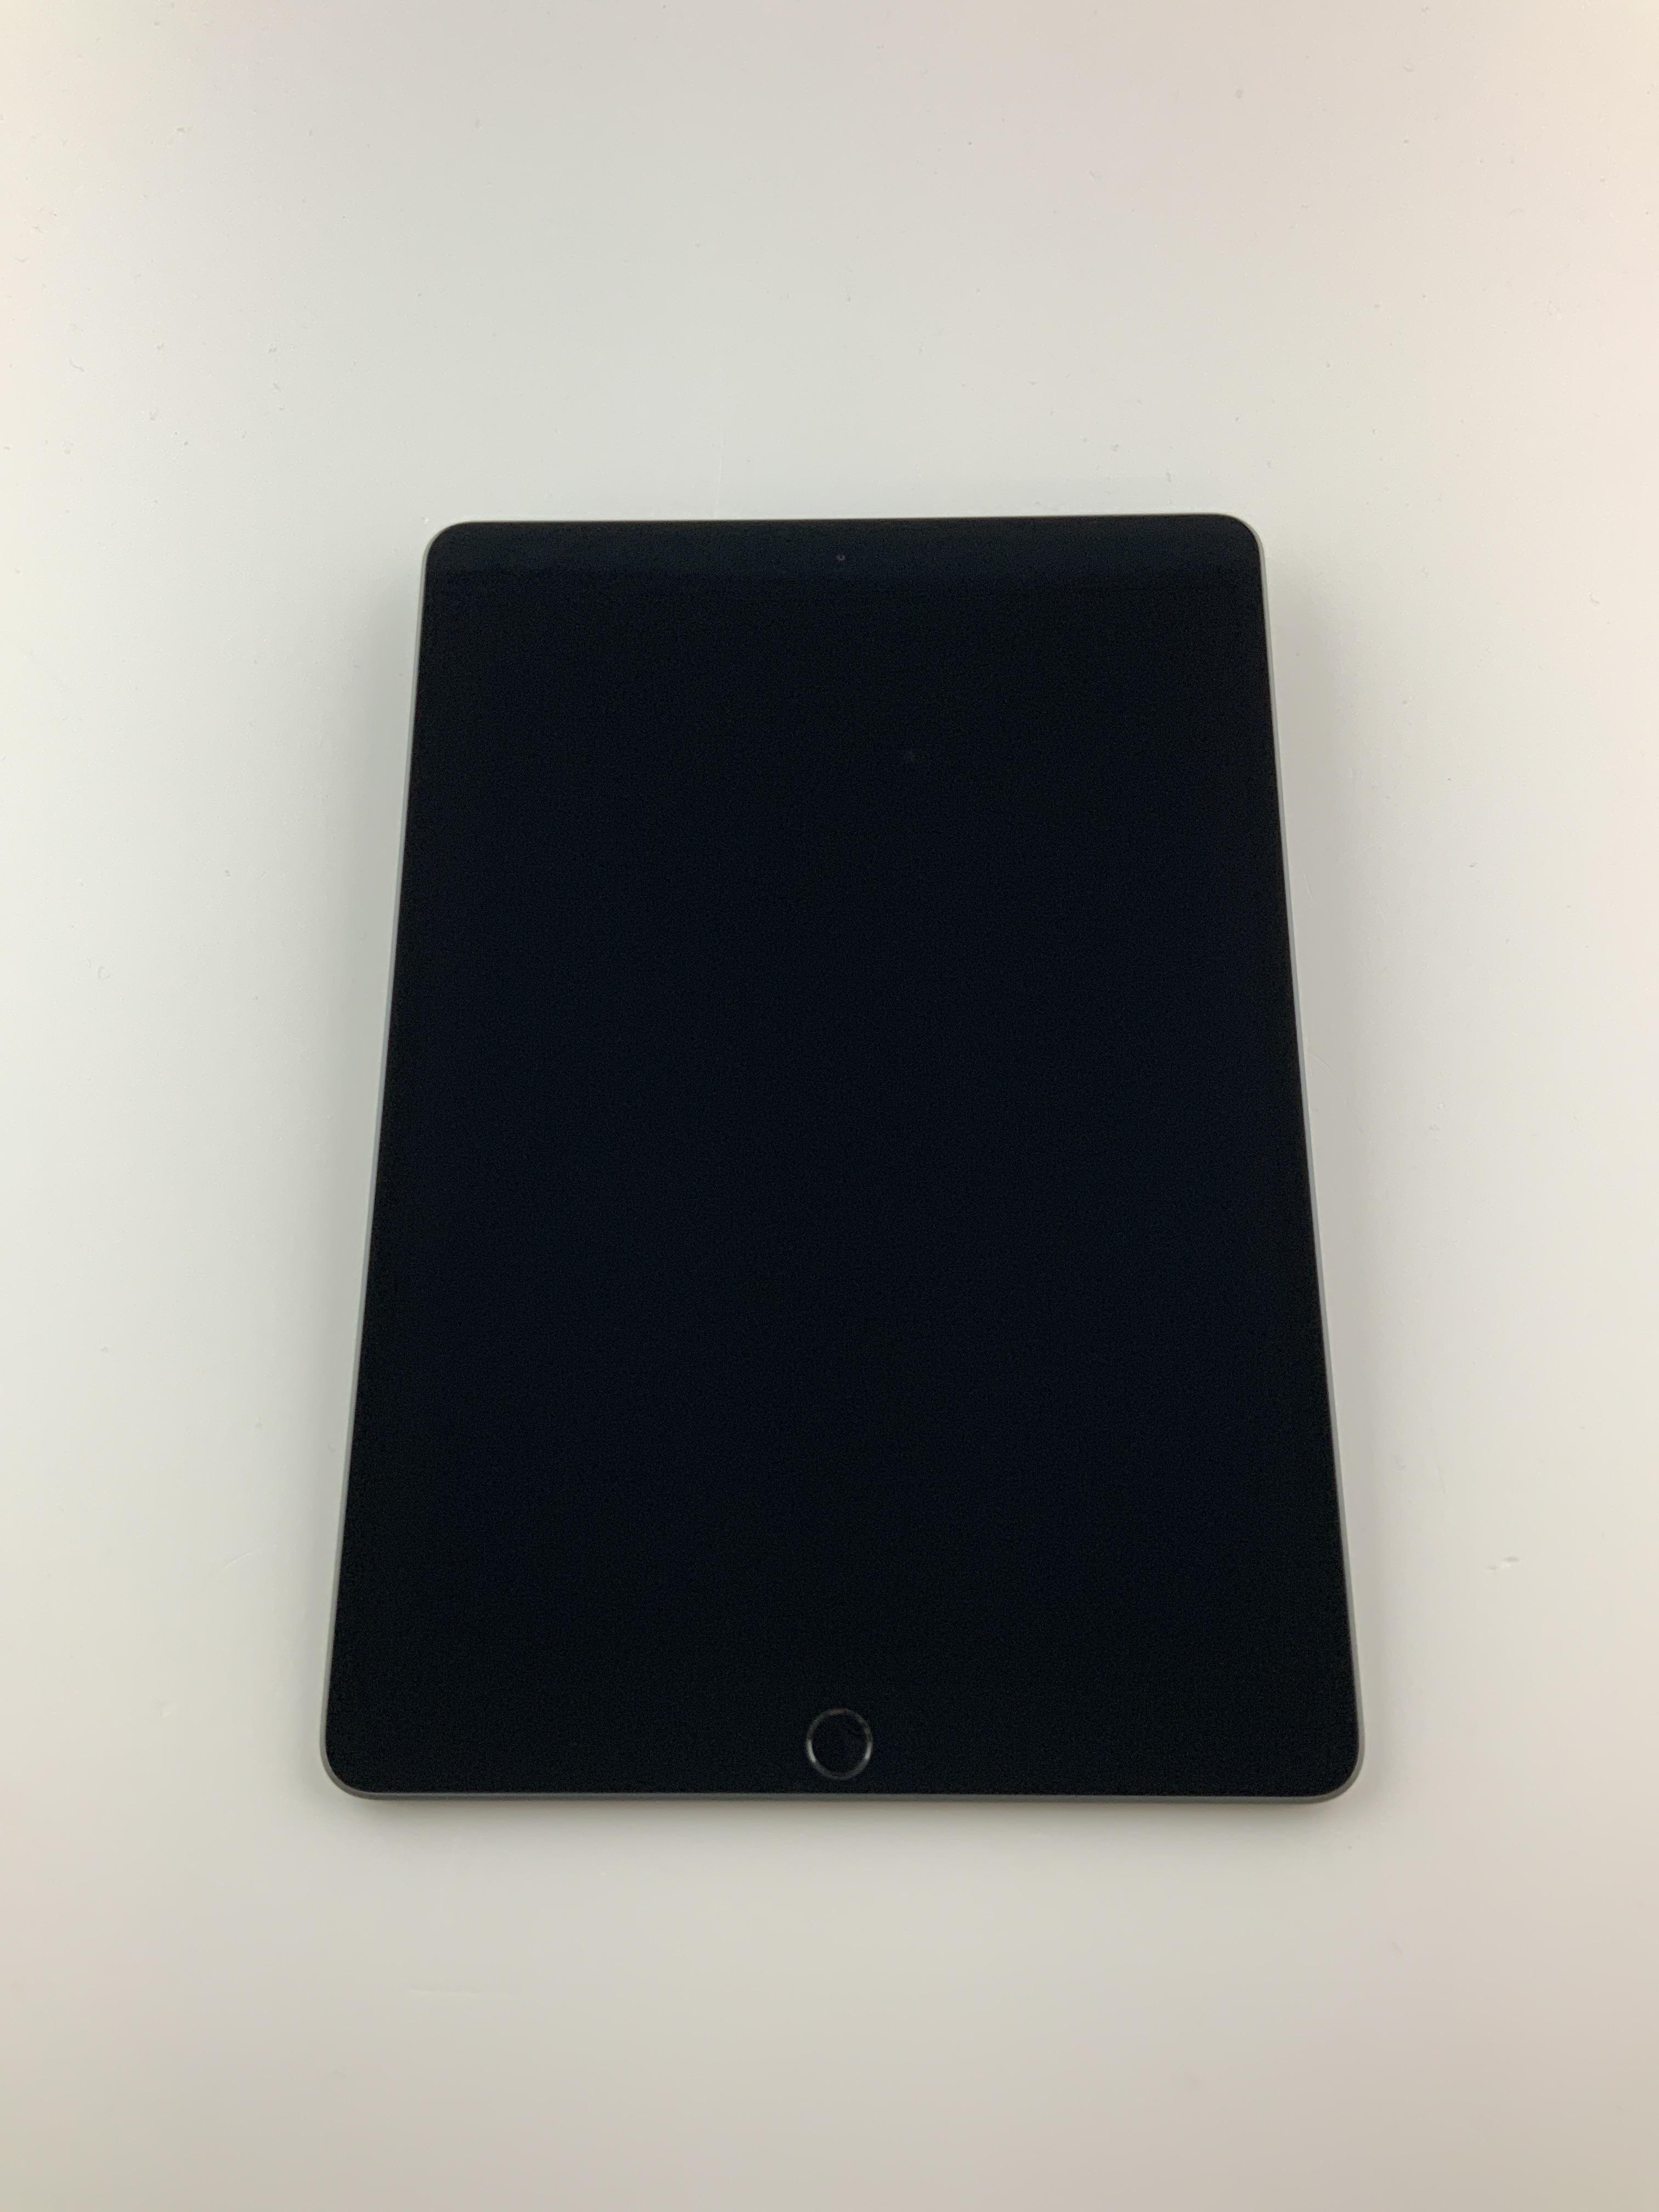 iPad Air 3 Wi-Fi 64GB, 64GB, Space Gray, Bild 1